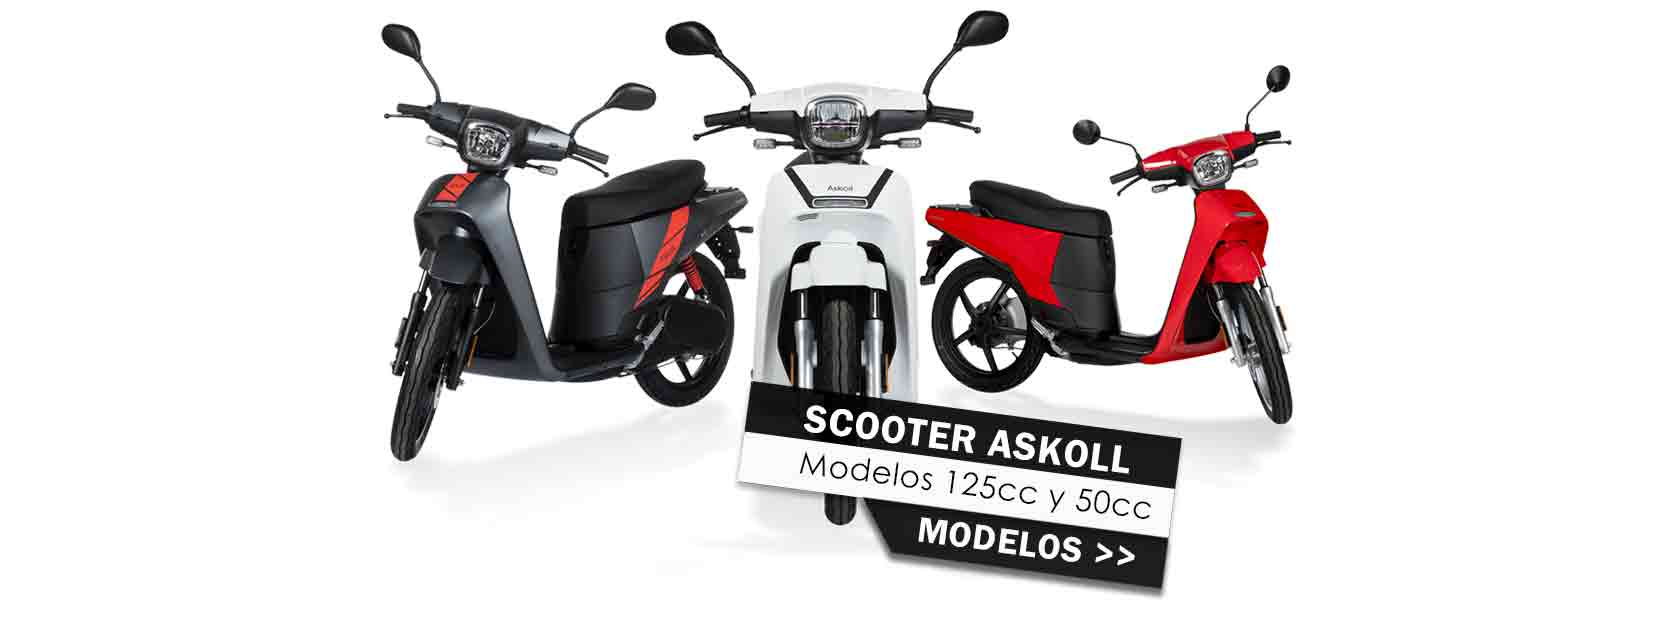 Scooter Askoll XR Motos 2020